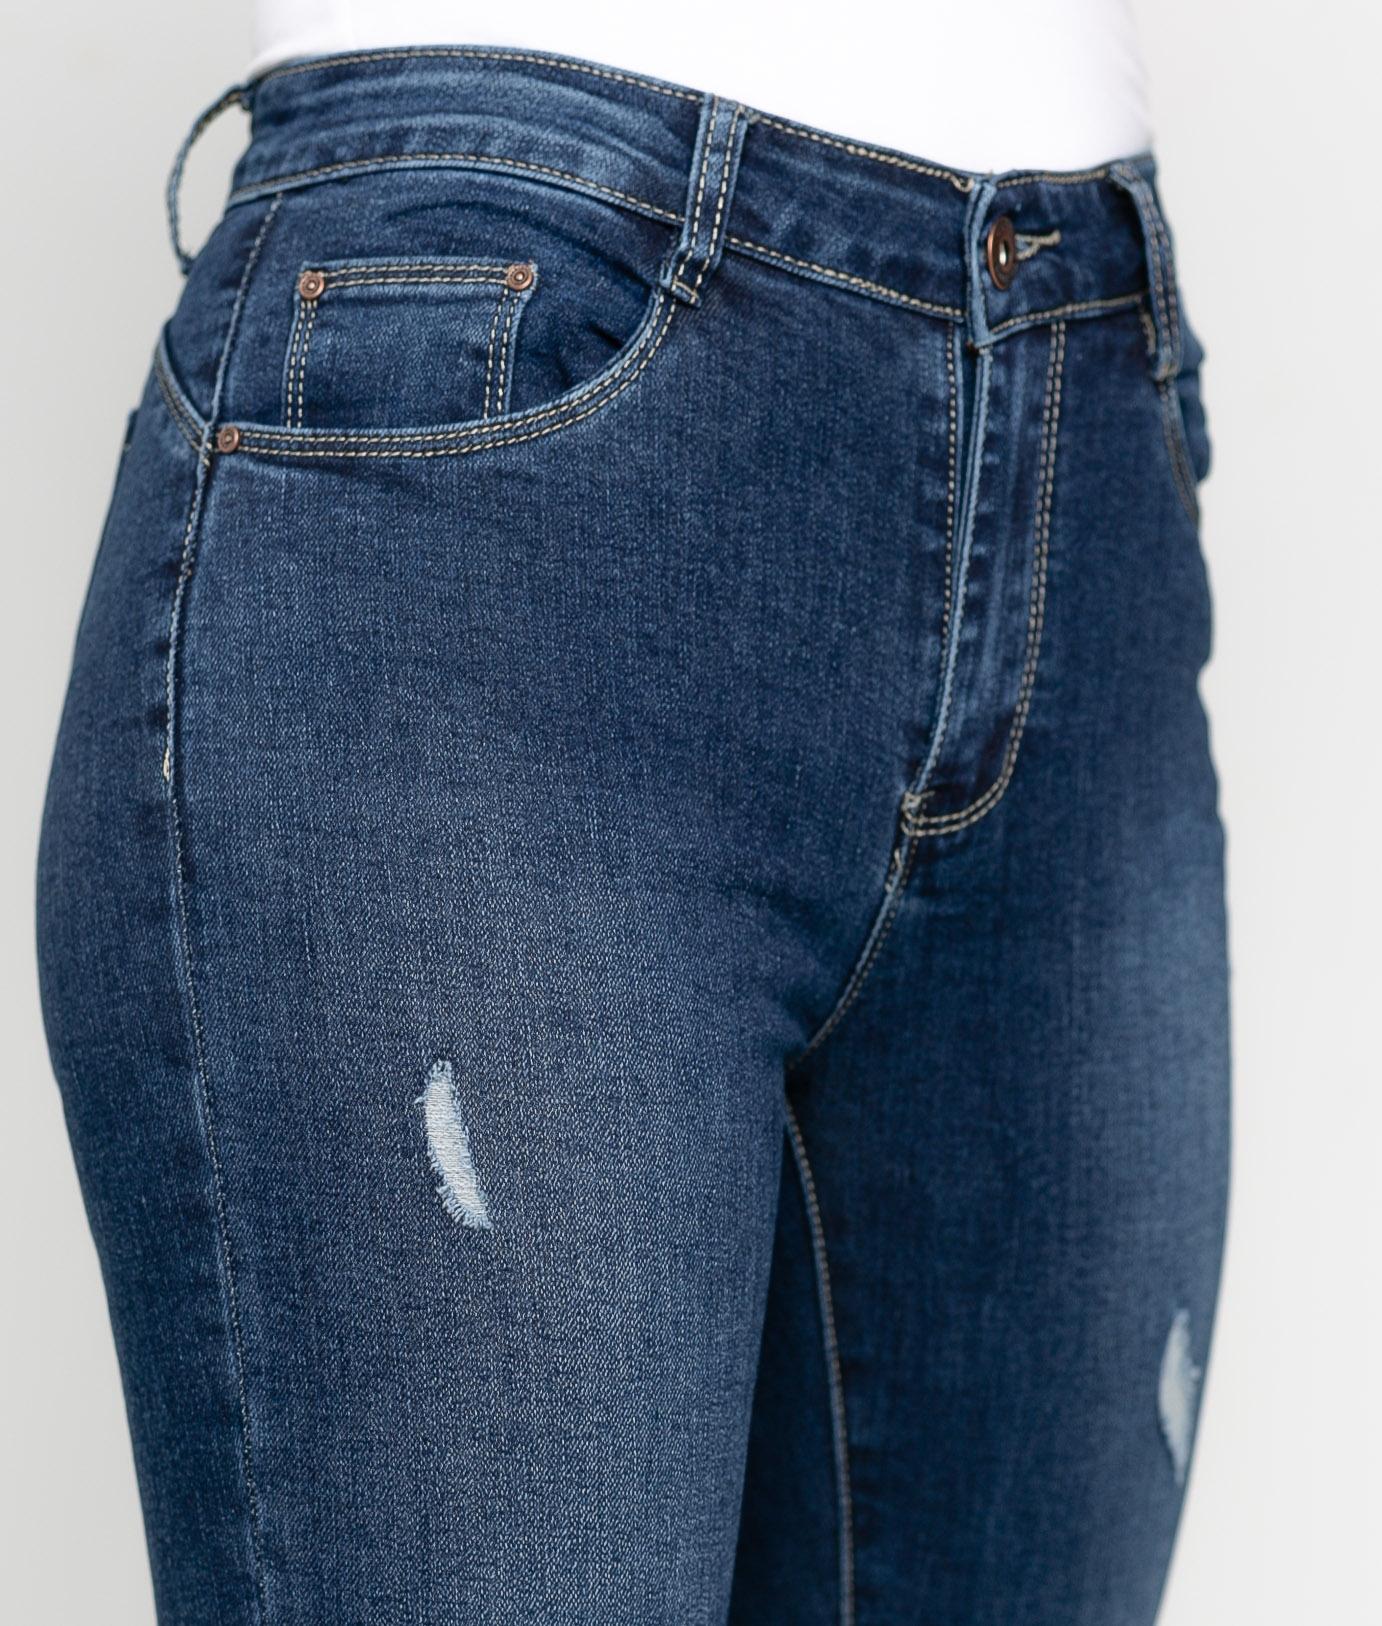 Milune trousers - Dark denim